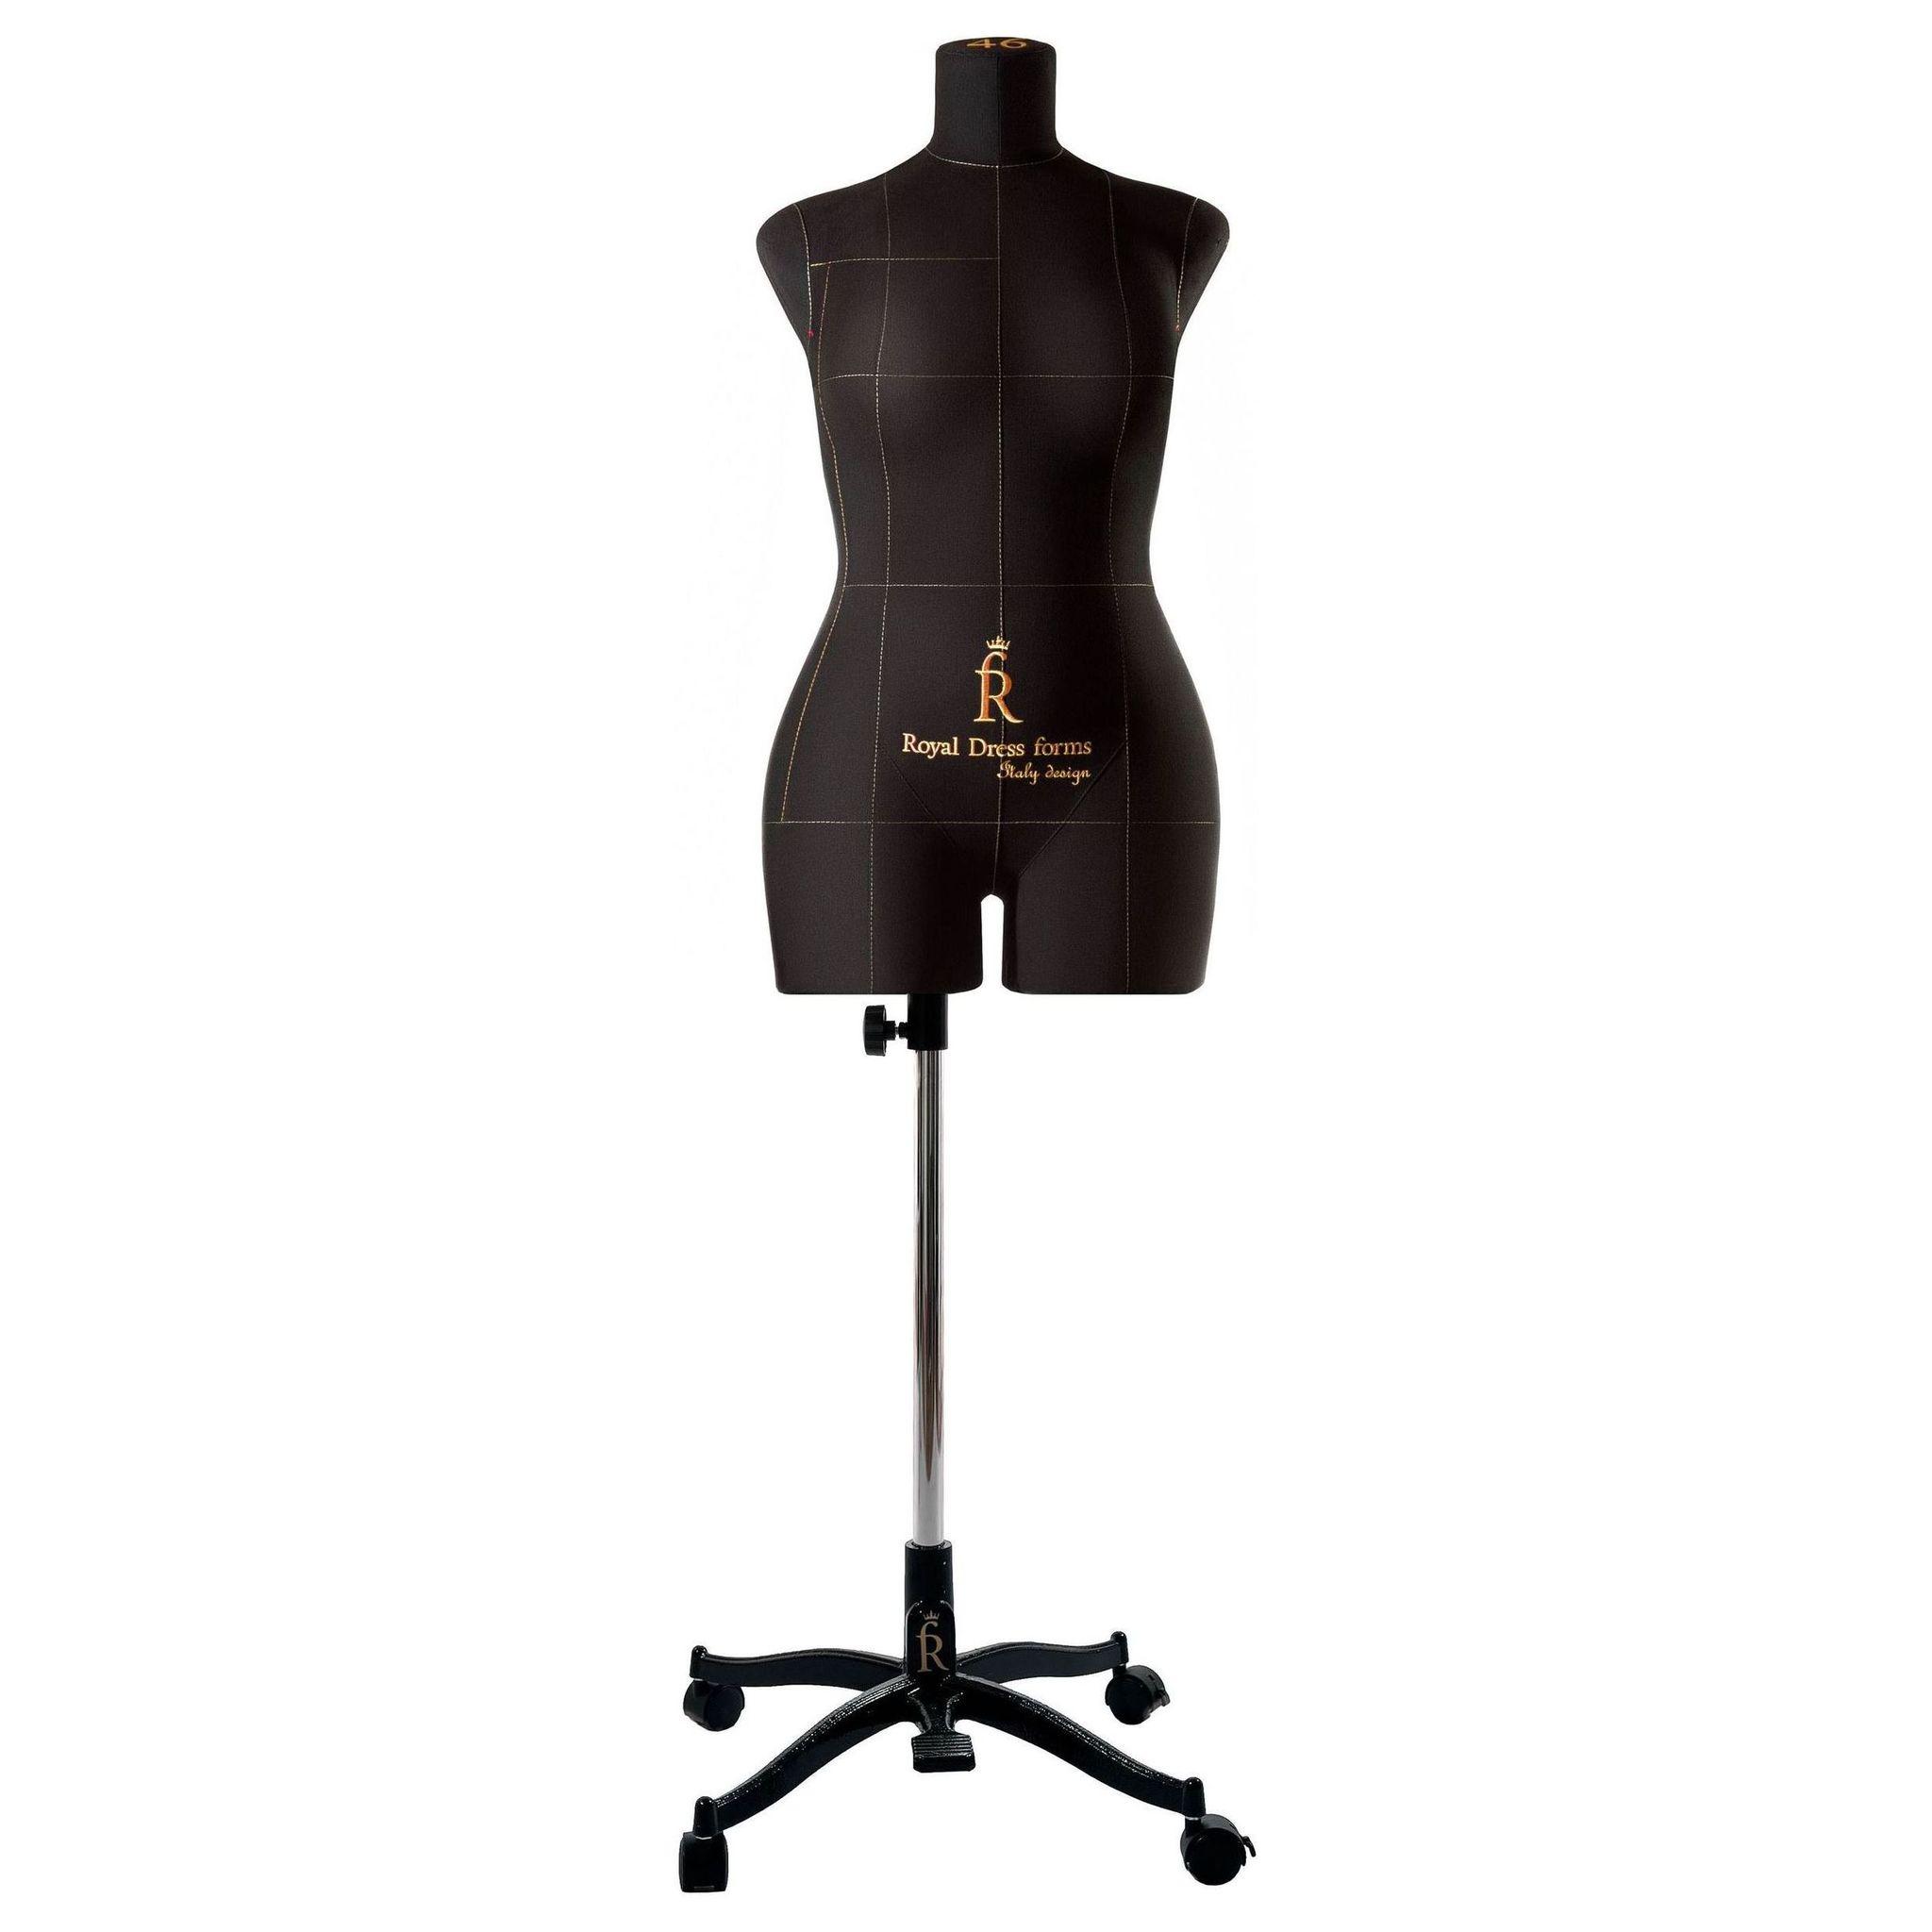 Манекен портновский Моника, комплект Стандарт, размер 46, ЧернаяФото 2